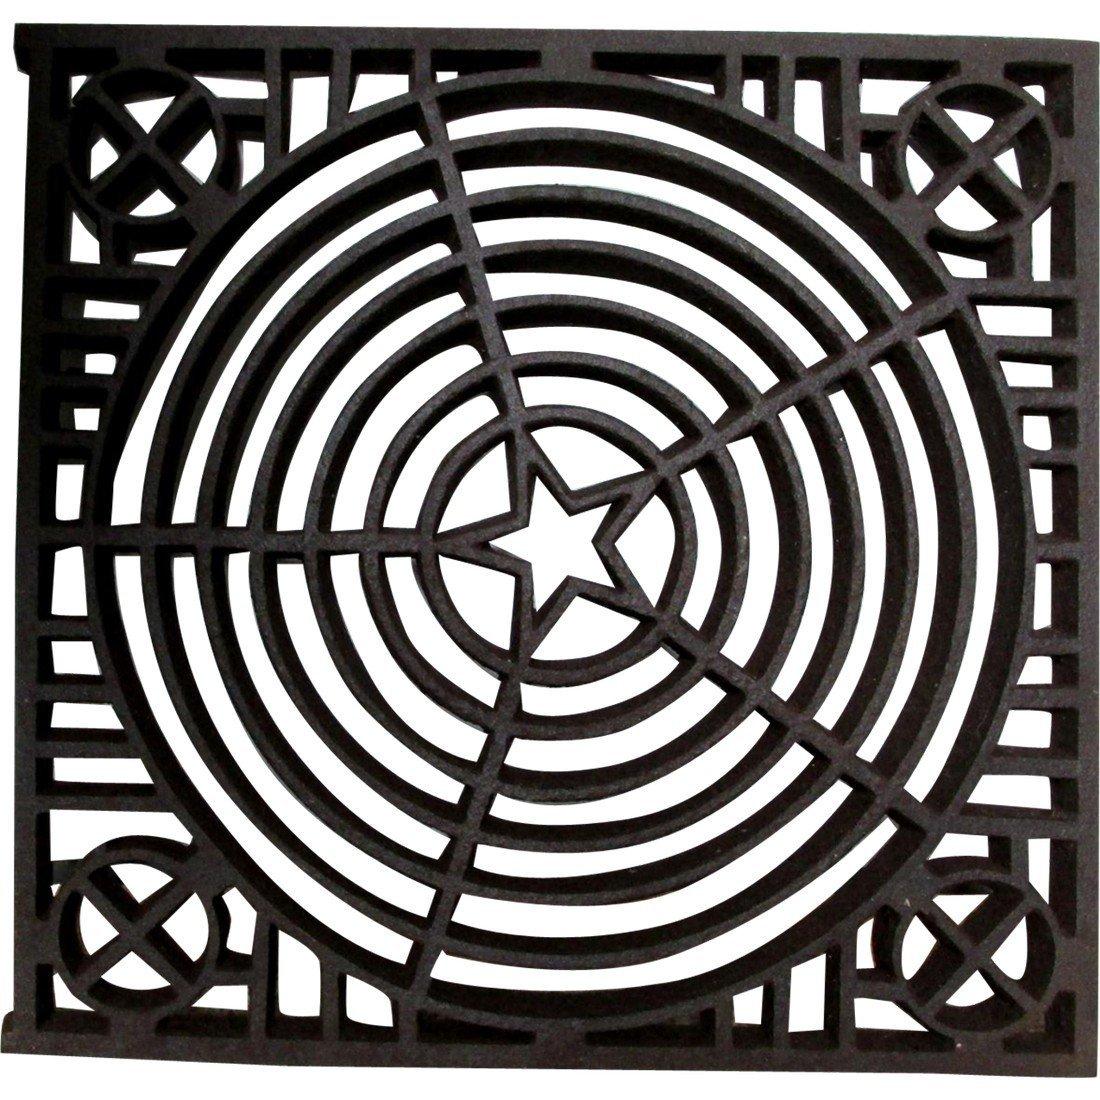 Antique Architectural Element, Cast Iron Grate